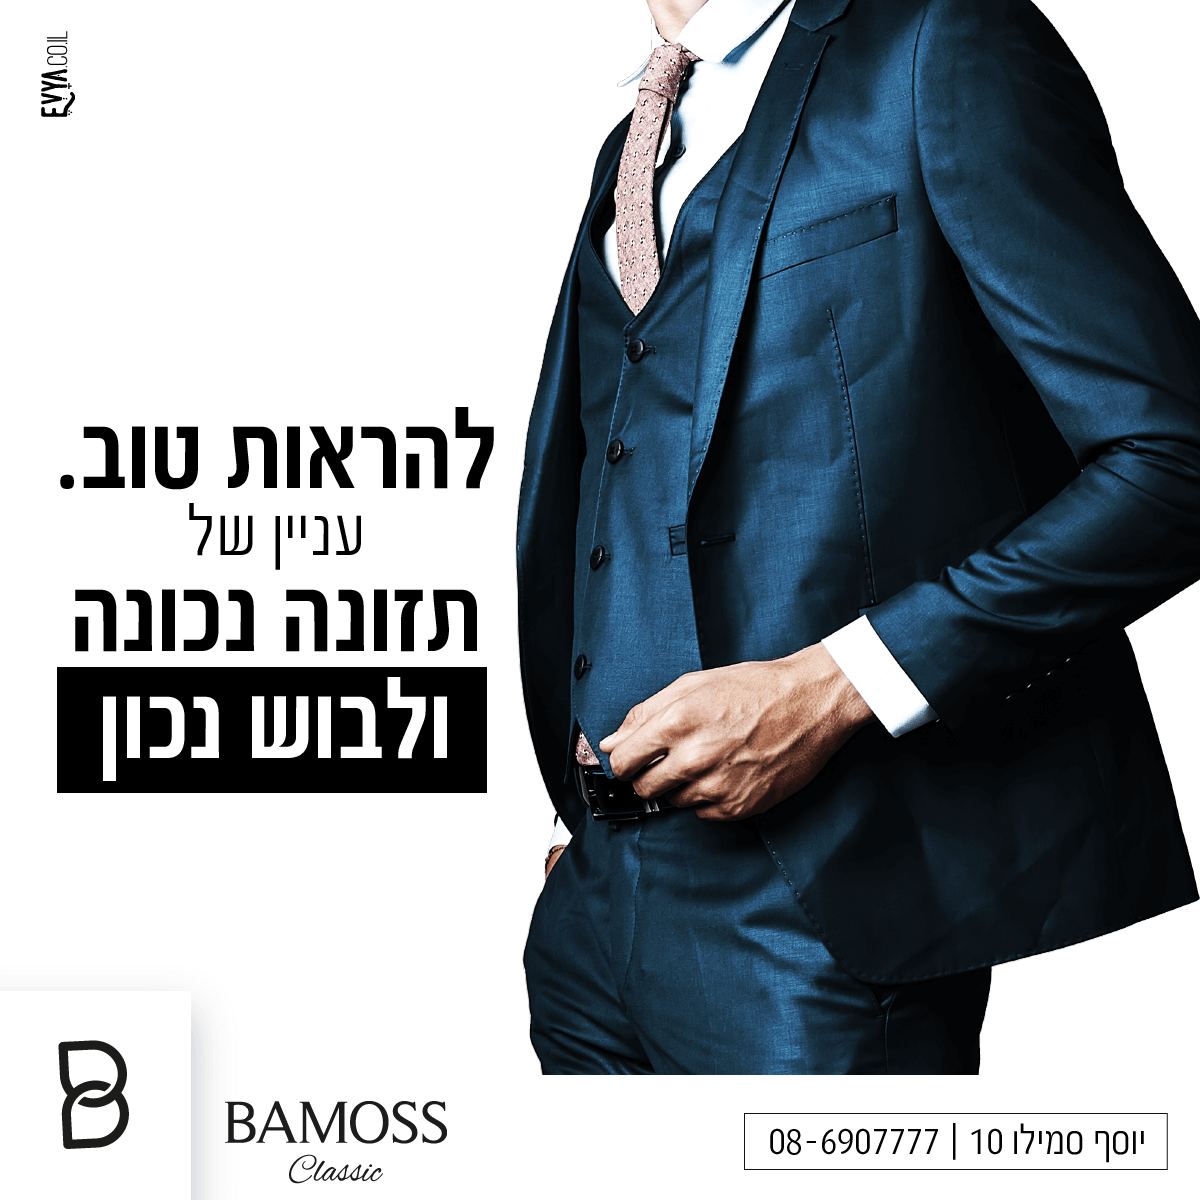 פרסום דיגיטלי - פרסום באינסטגרם - Bamoss